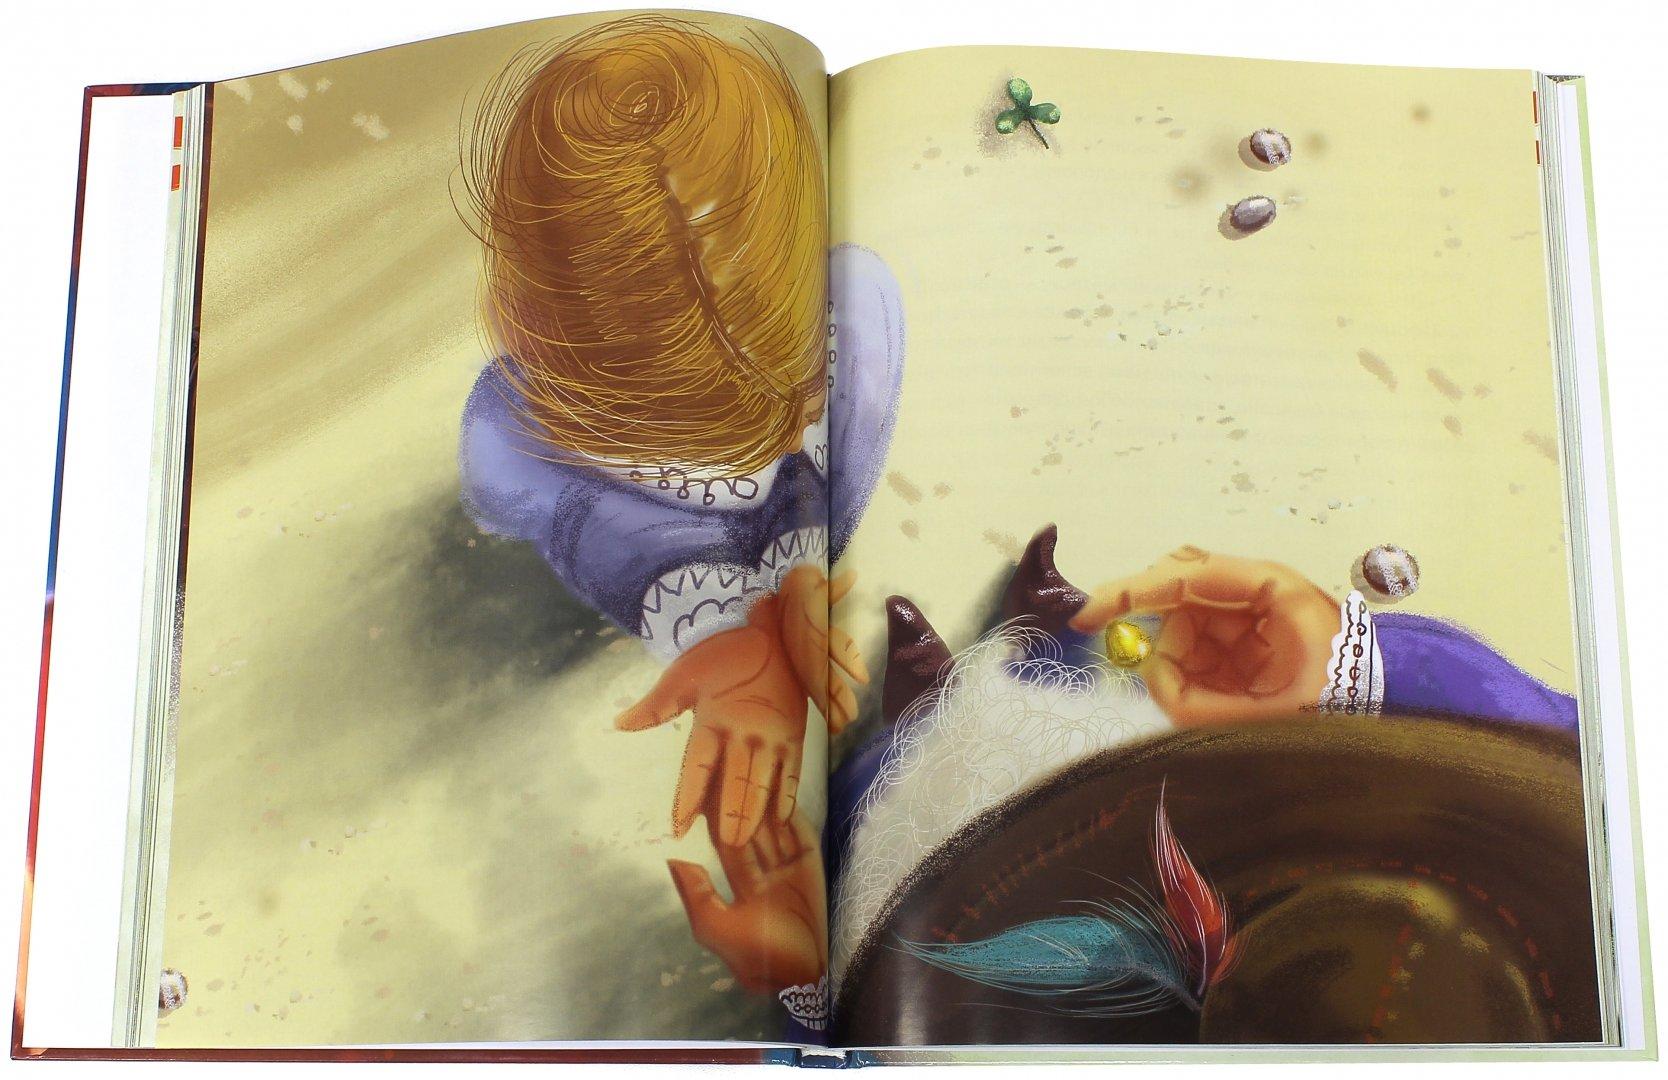 картинки к психокоррекционным сказкам идейки, пошла своих